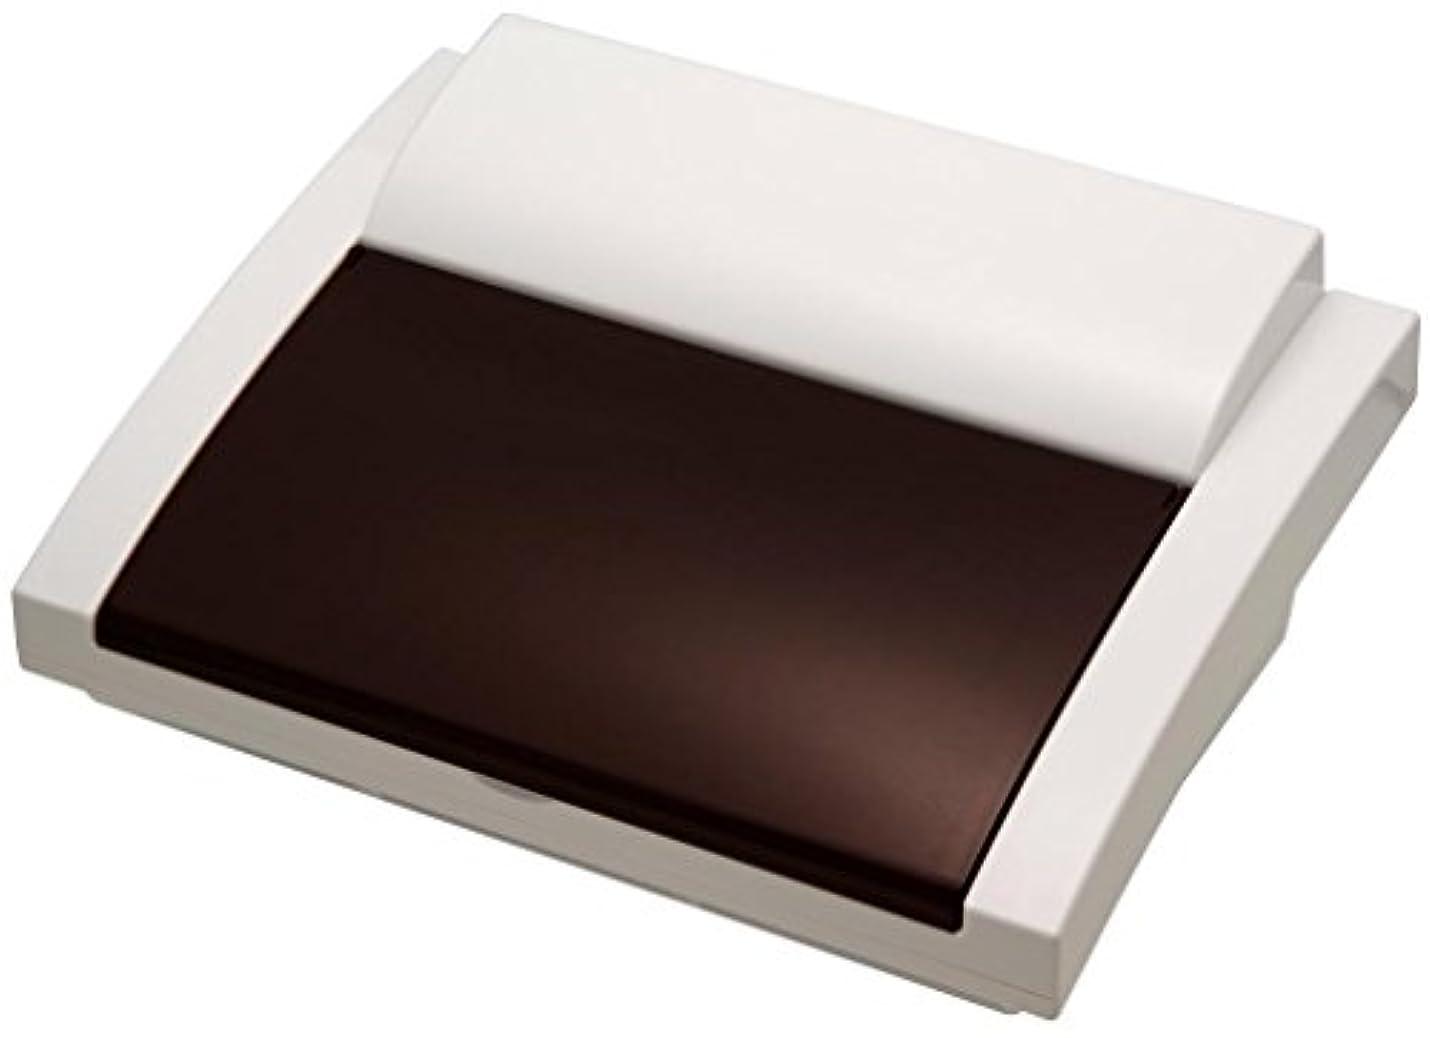 ステアライザー(ステリライザー)STERILIZER COMPACT 209C / 紫外線 UV 消毒器 殺菌器